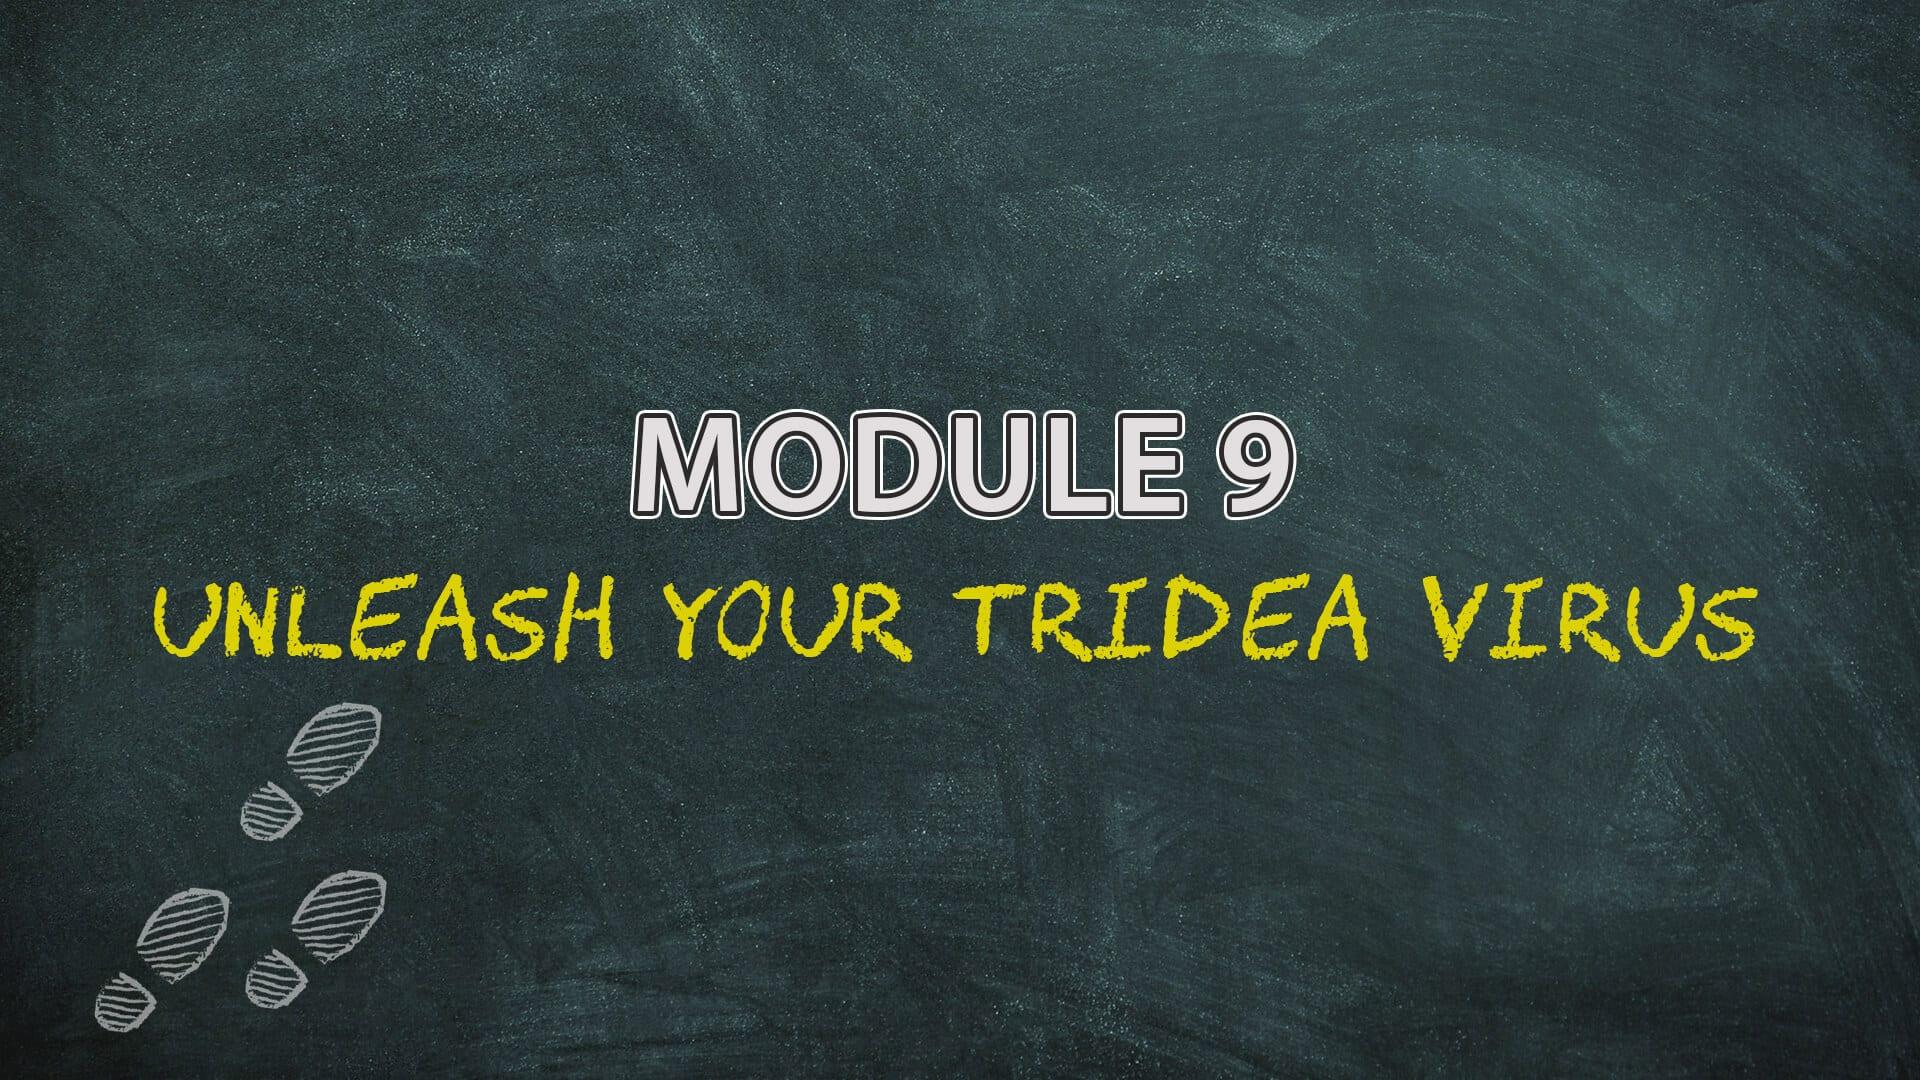 Module 9 Unleash Your Tridea Virus